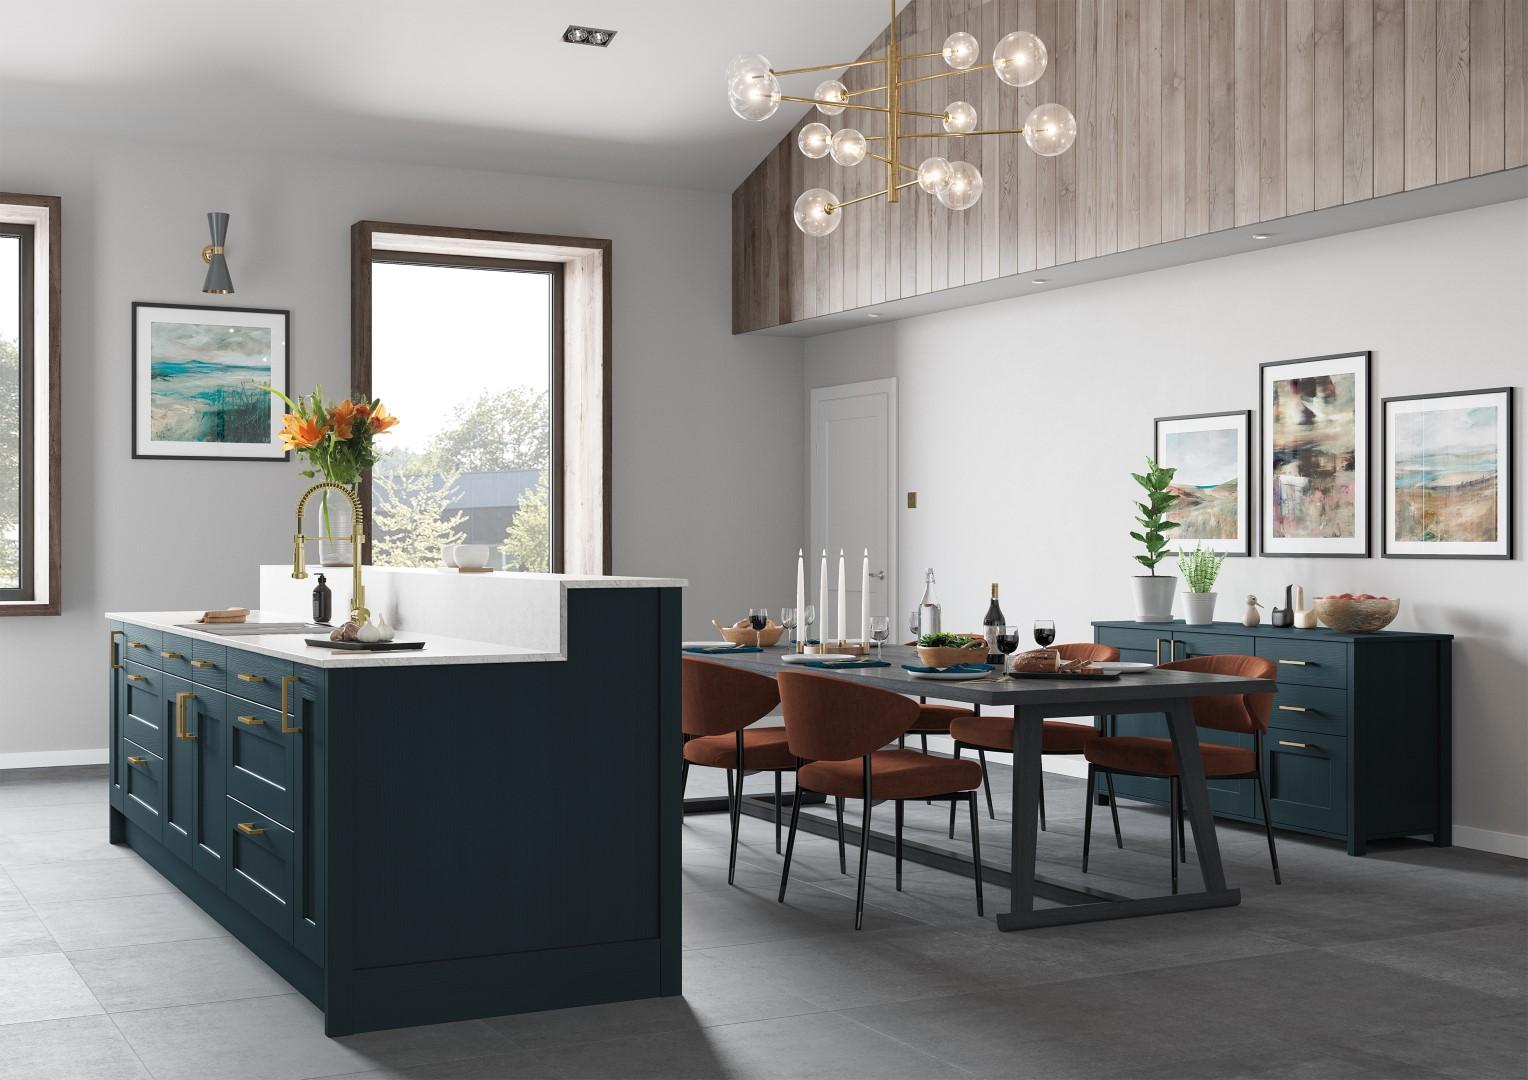 Wakefield Marine - Kitchen Design - Alan Kelly Kitchens - Waterford - 3